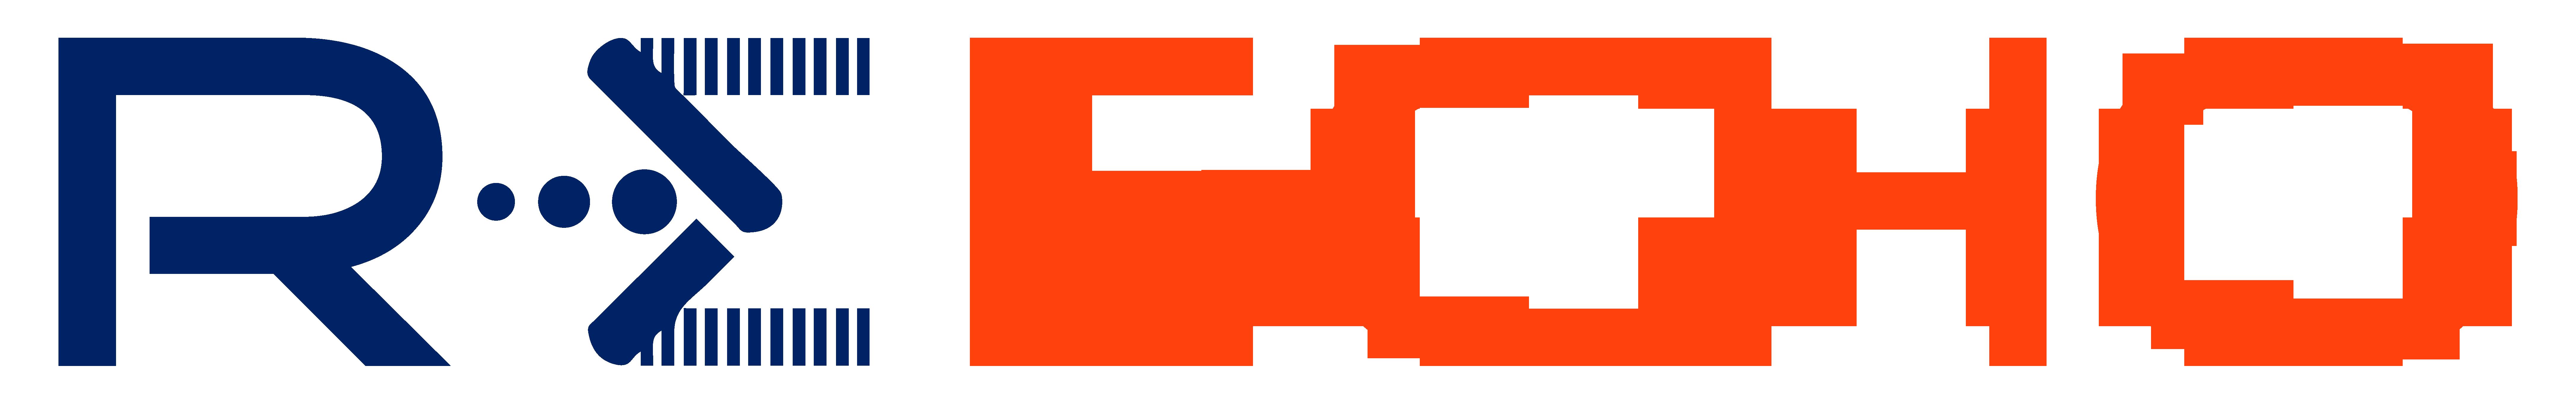 Re-Echo